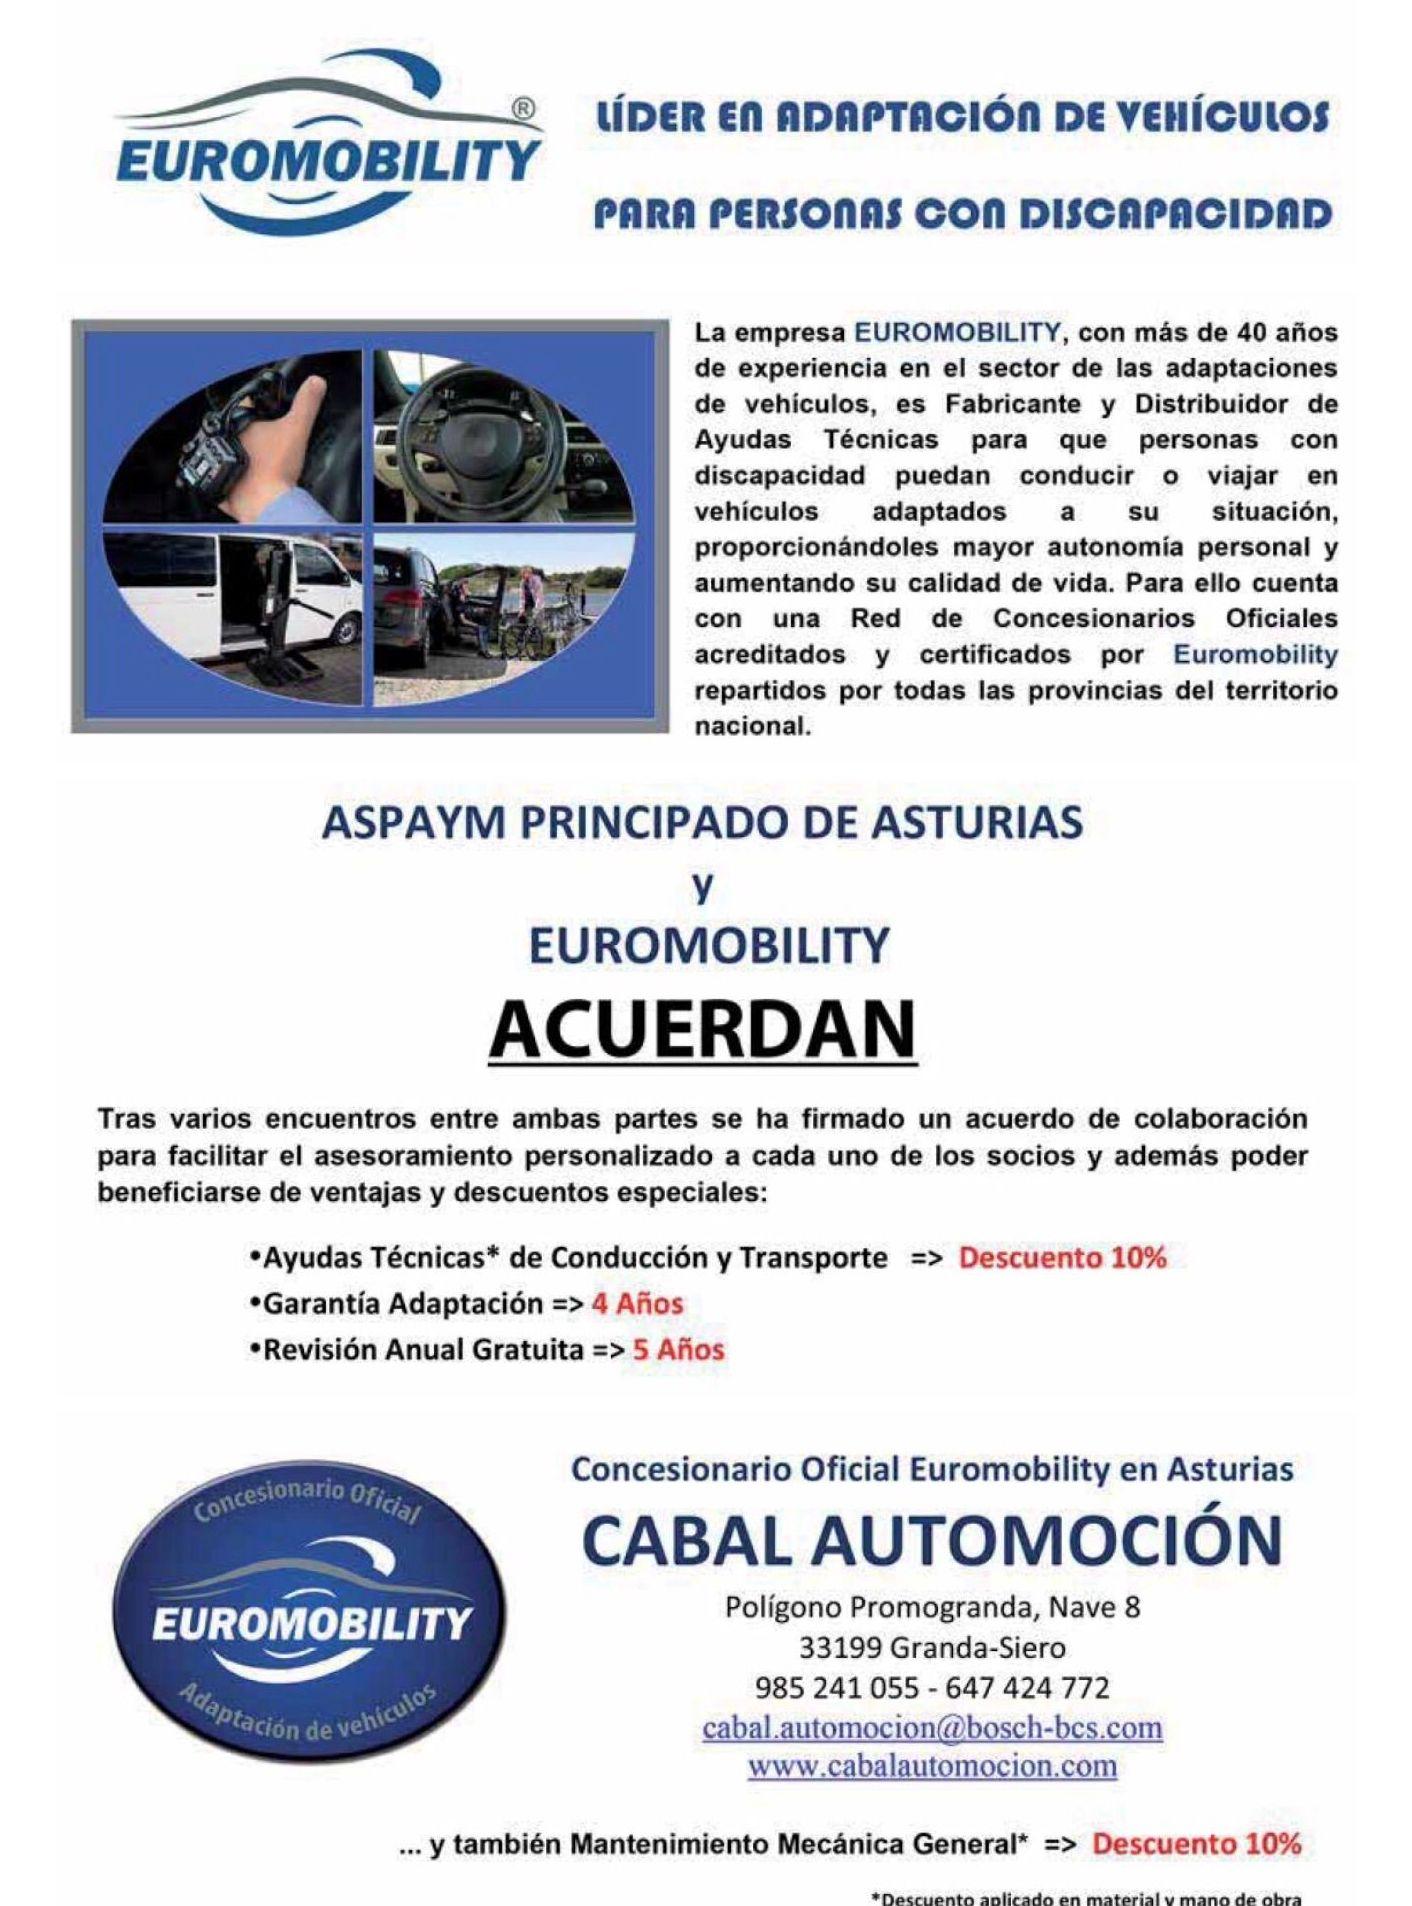 Acuerdo de colaboración entre Aspaym Asturias, Cabal Automoción Bosch Car Service y Euromobility